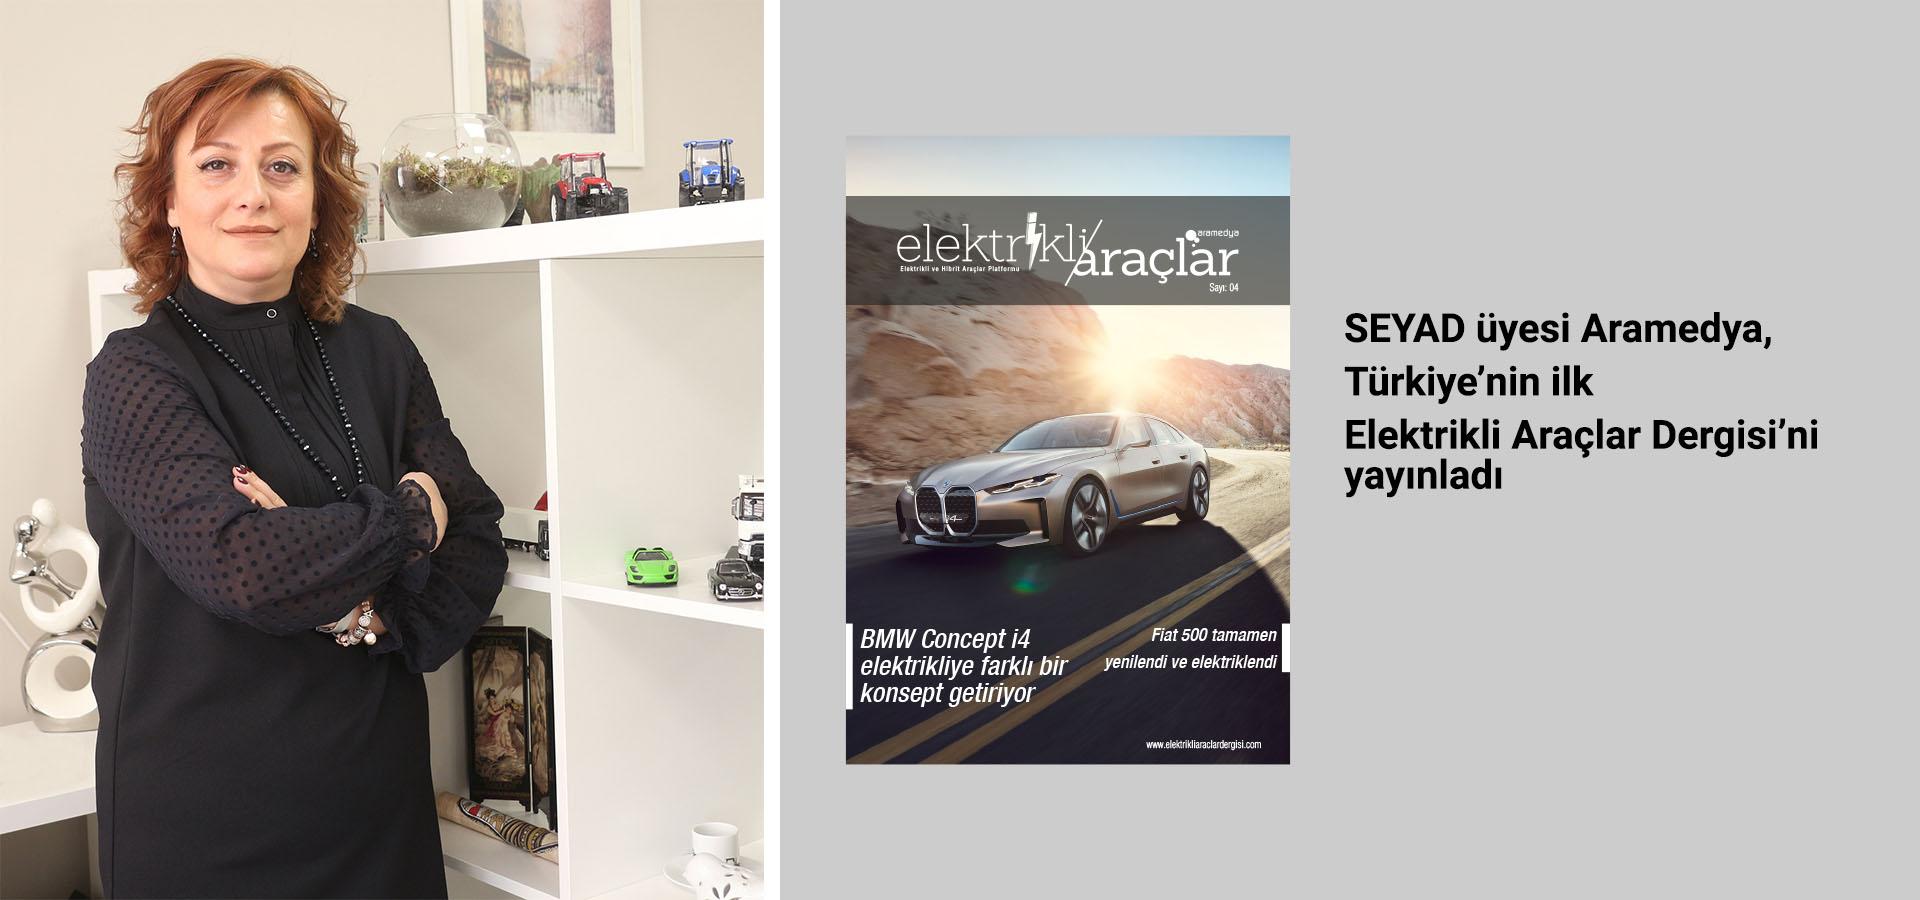 SEYAD üyesi Aramedya, Türkiye'nin ilk Elektrikli Araçlar Dergisi'ni yayınladı